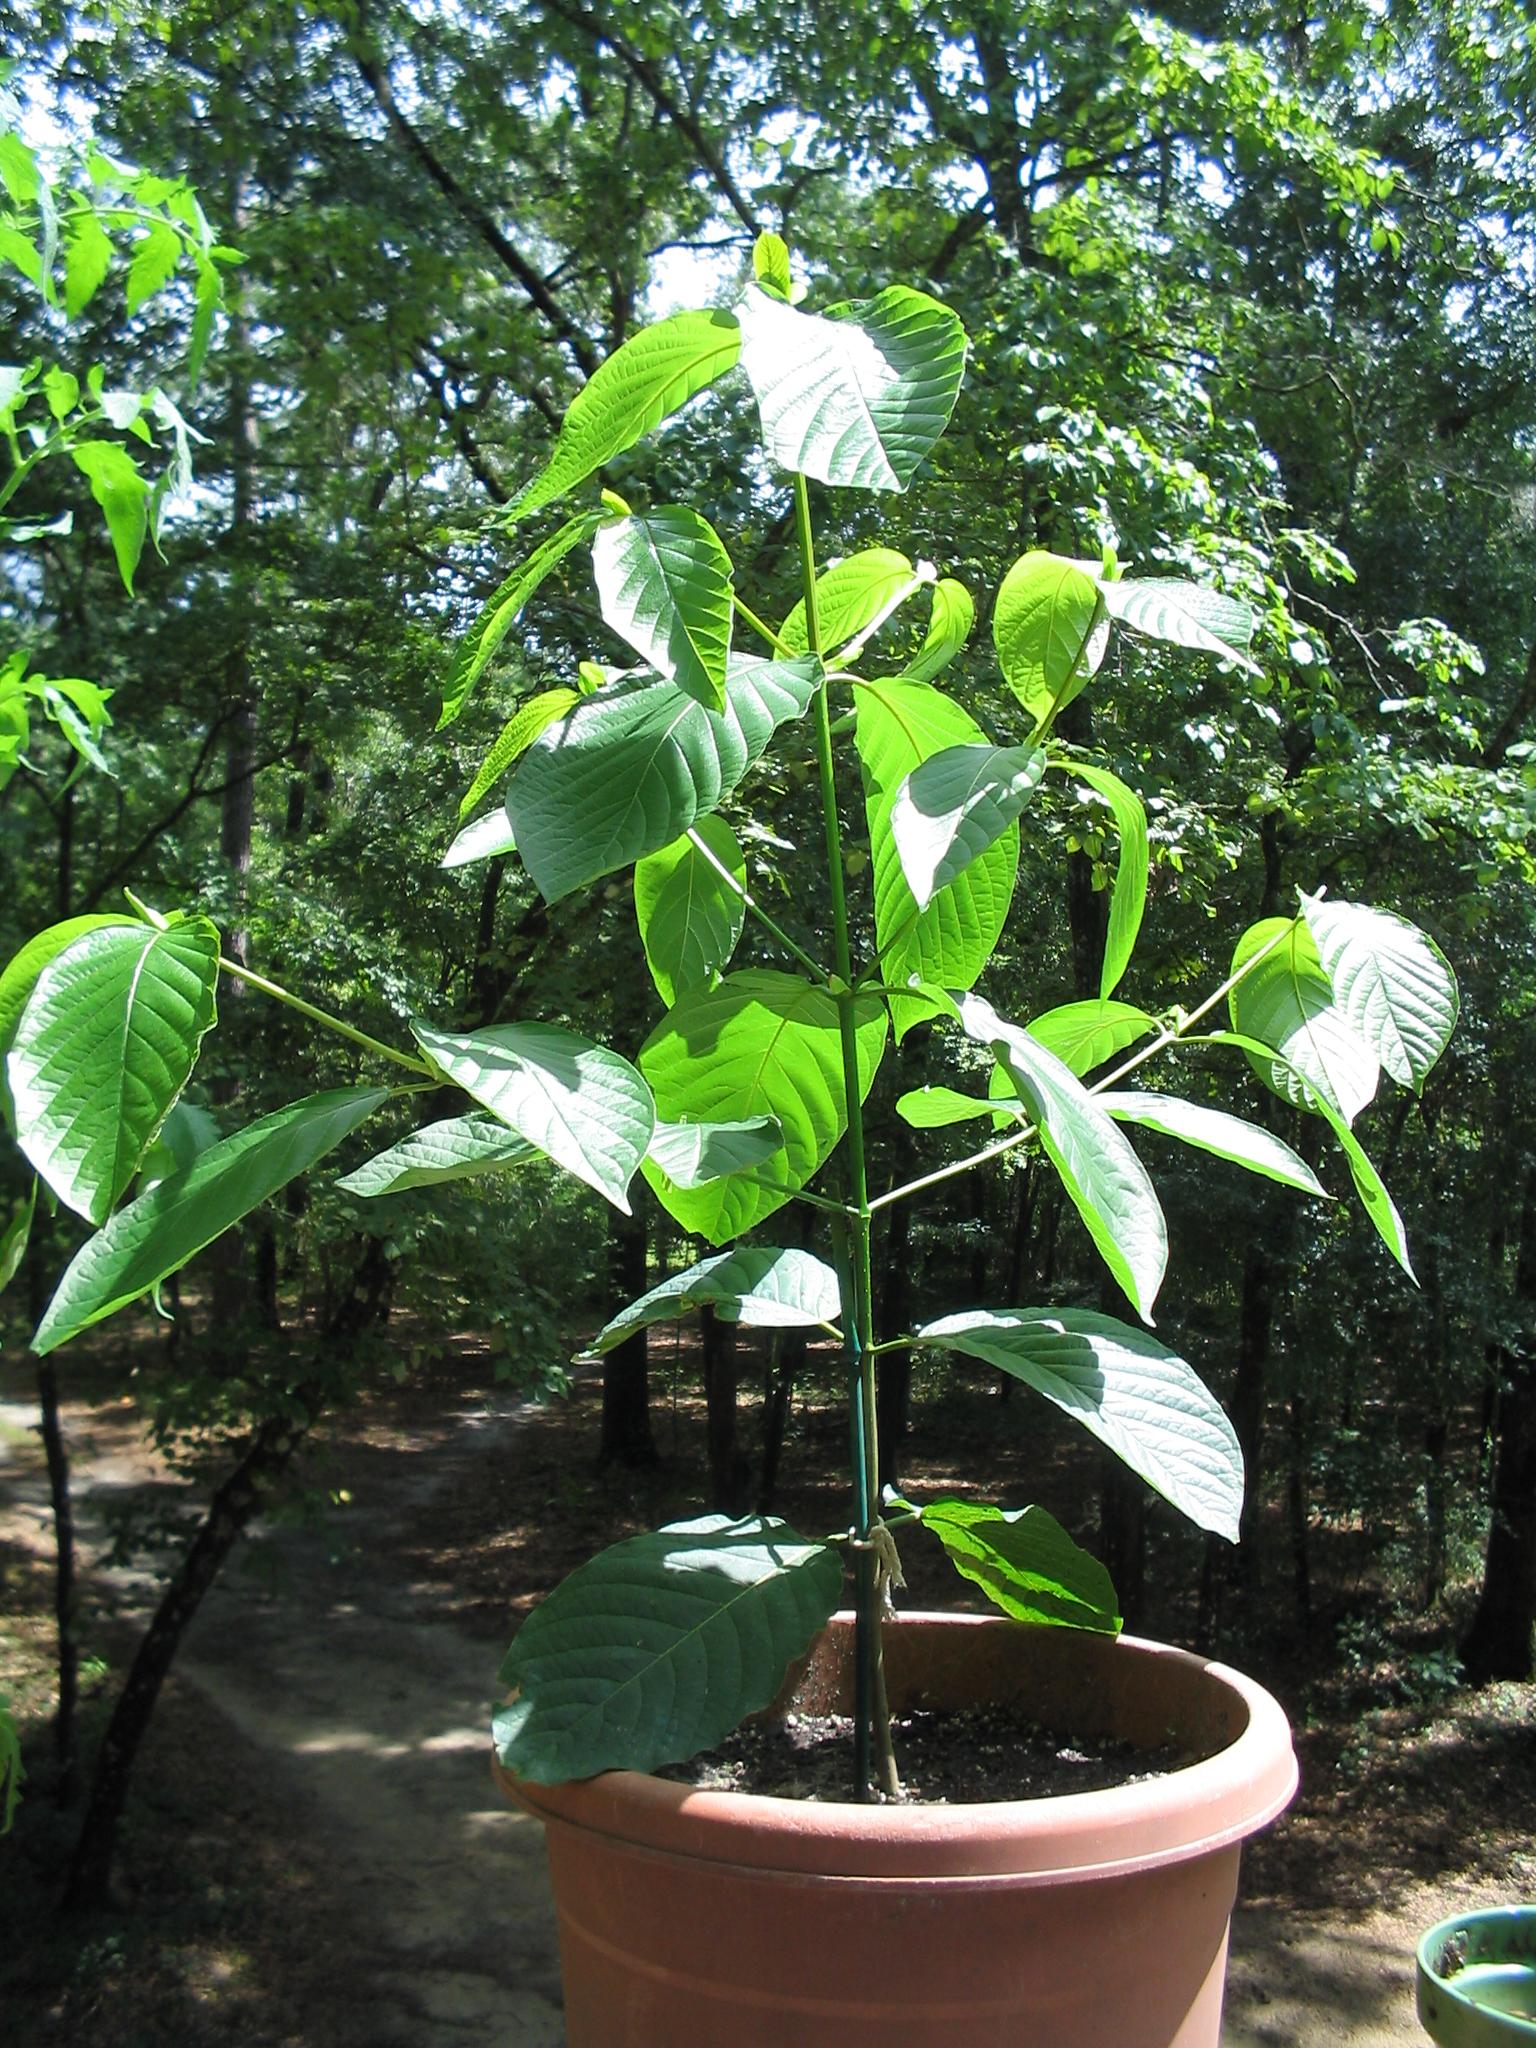 kratom plant in pot